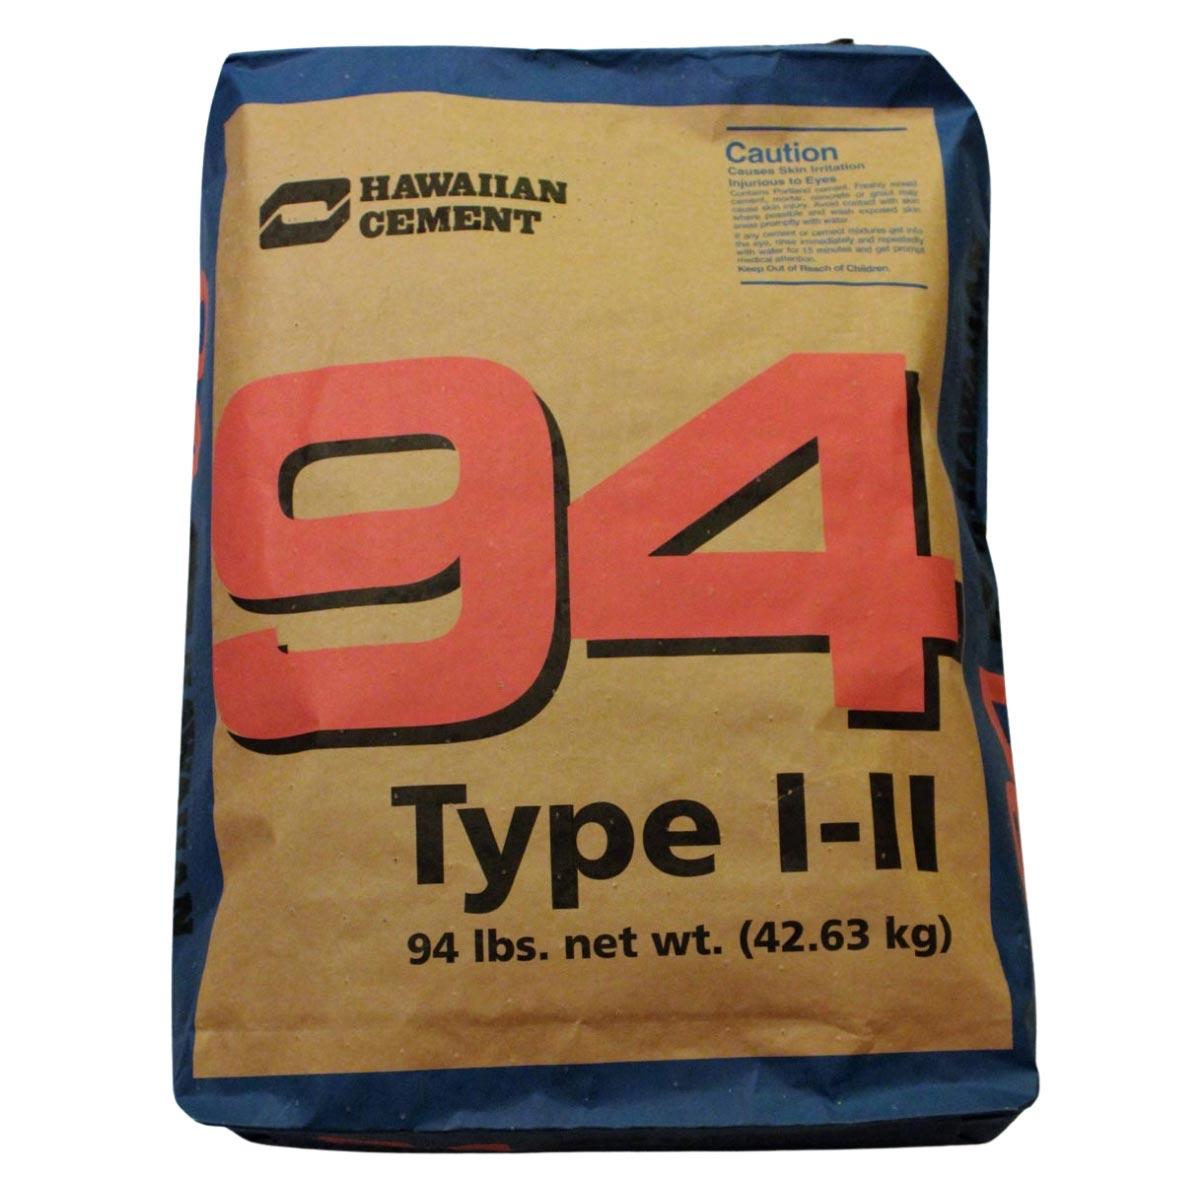 94 lb. Hawaiian Cement, Type I-II